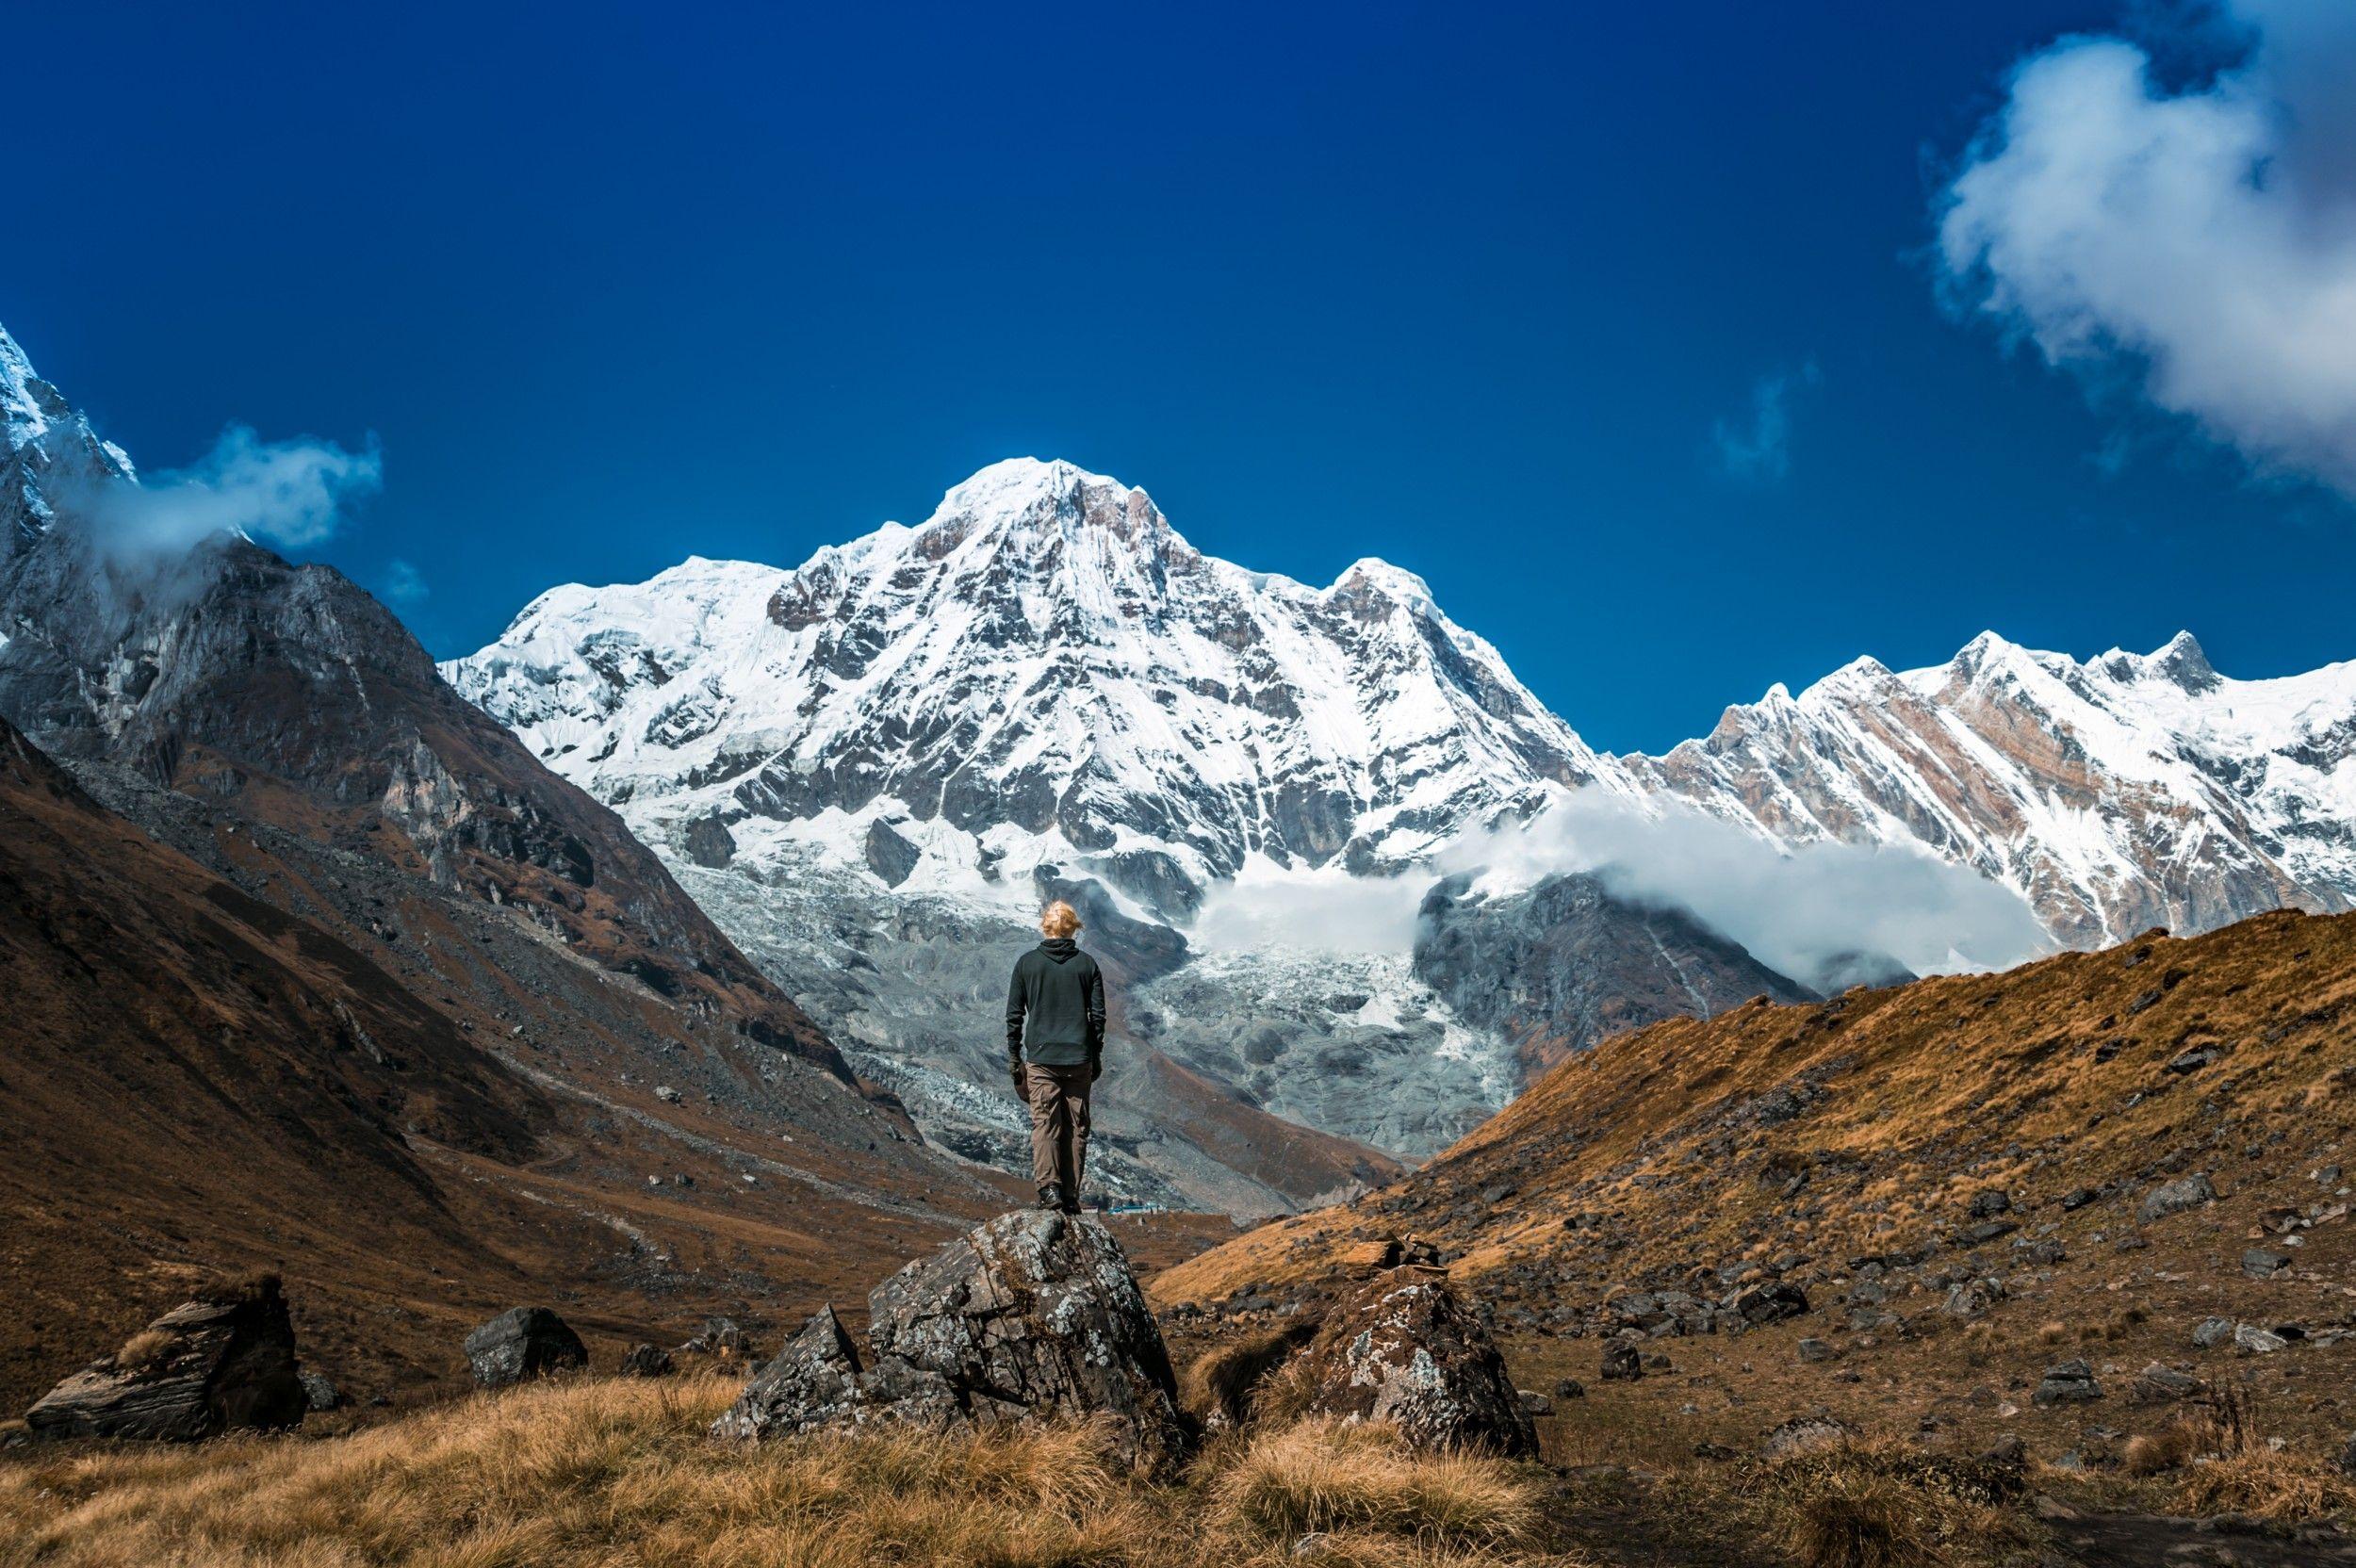 Prosluněné svahy, jídlo, architektura a lázně, to vše v jednom Zimní dovolená jako víno, to je jižní Tyrolsko